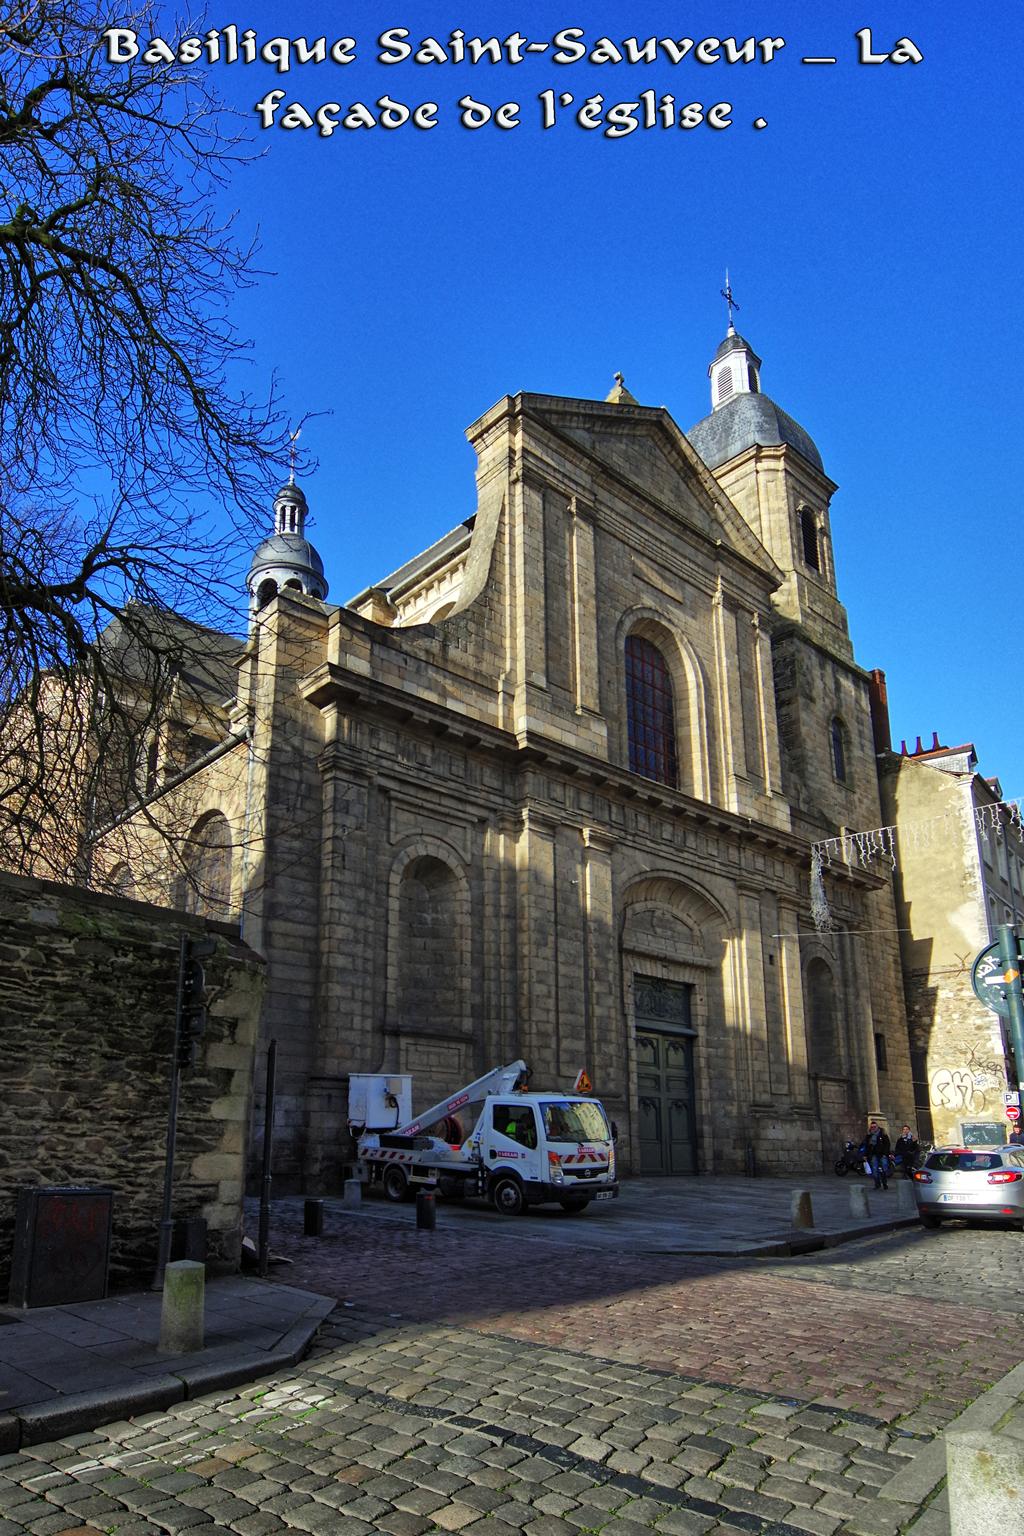 Basilique Saint-Sauveur par gerardgg